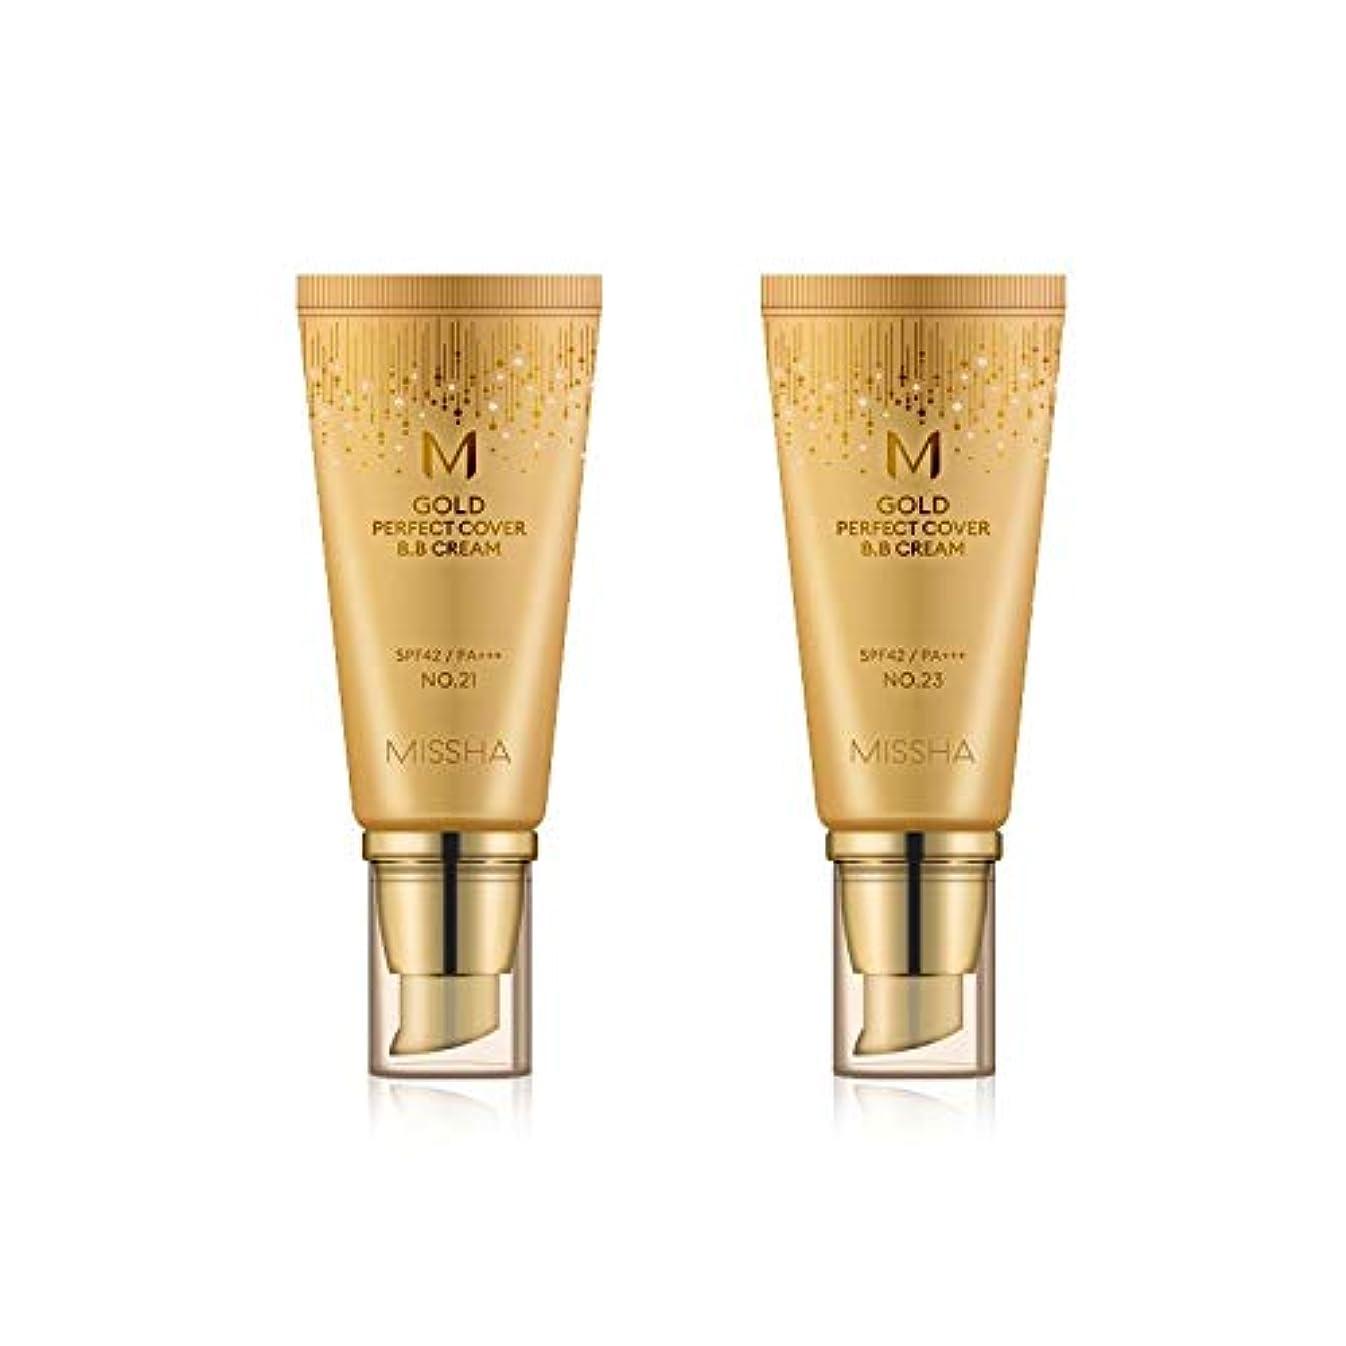 火星ずっと百万MISSHA Gold Perfecte Cover BB Cream SPF42 PA+++ / ミシャ ゴールド パーフェクト カバー BBクリーム 50ml *NO.21 [並行輸入品]